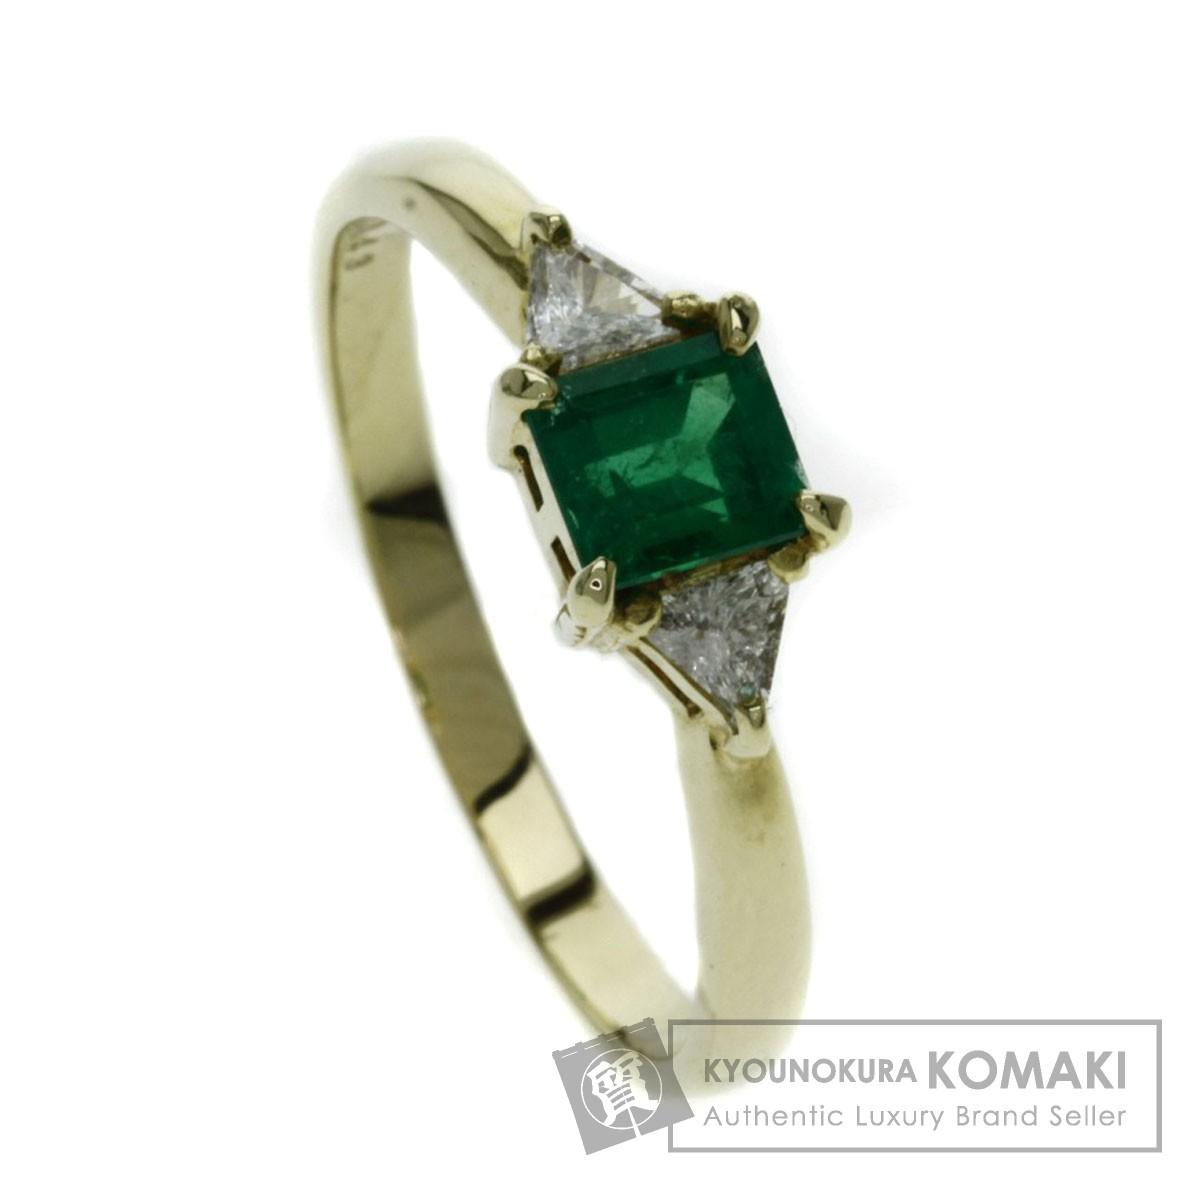 0.43ct エメラルド/ダイヤモンド リング・指輪 K18イエローゴールド 2.6g レディース 【中古】